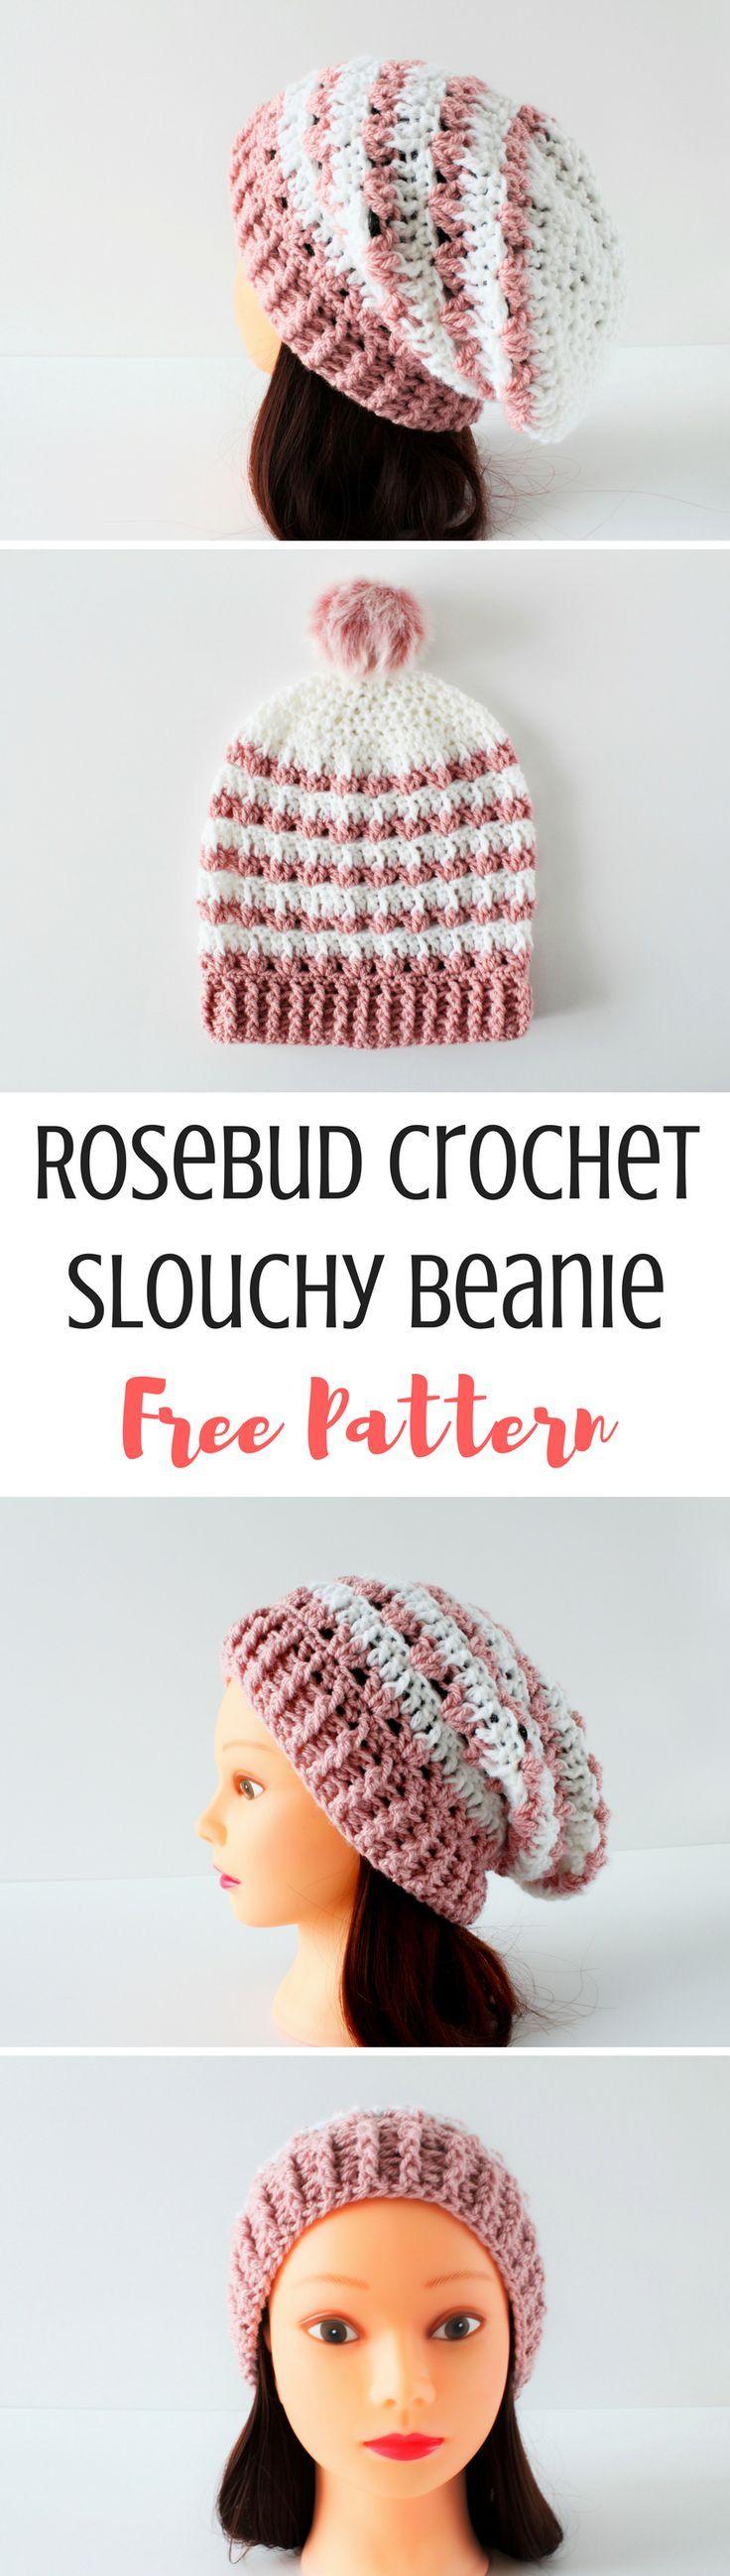 Rosebud: Crochet Slouchy Beanie Pattern en 2018 | Pretty Crochet ...